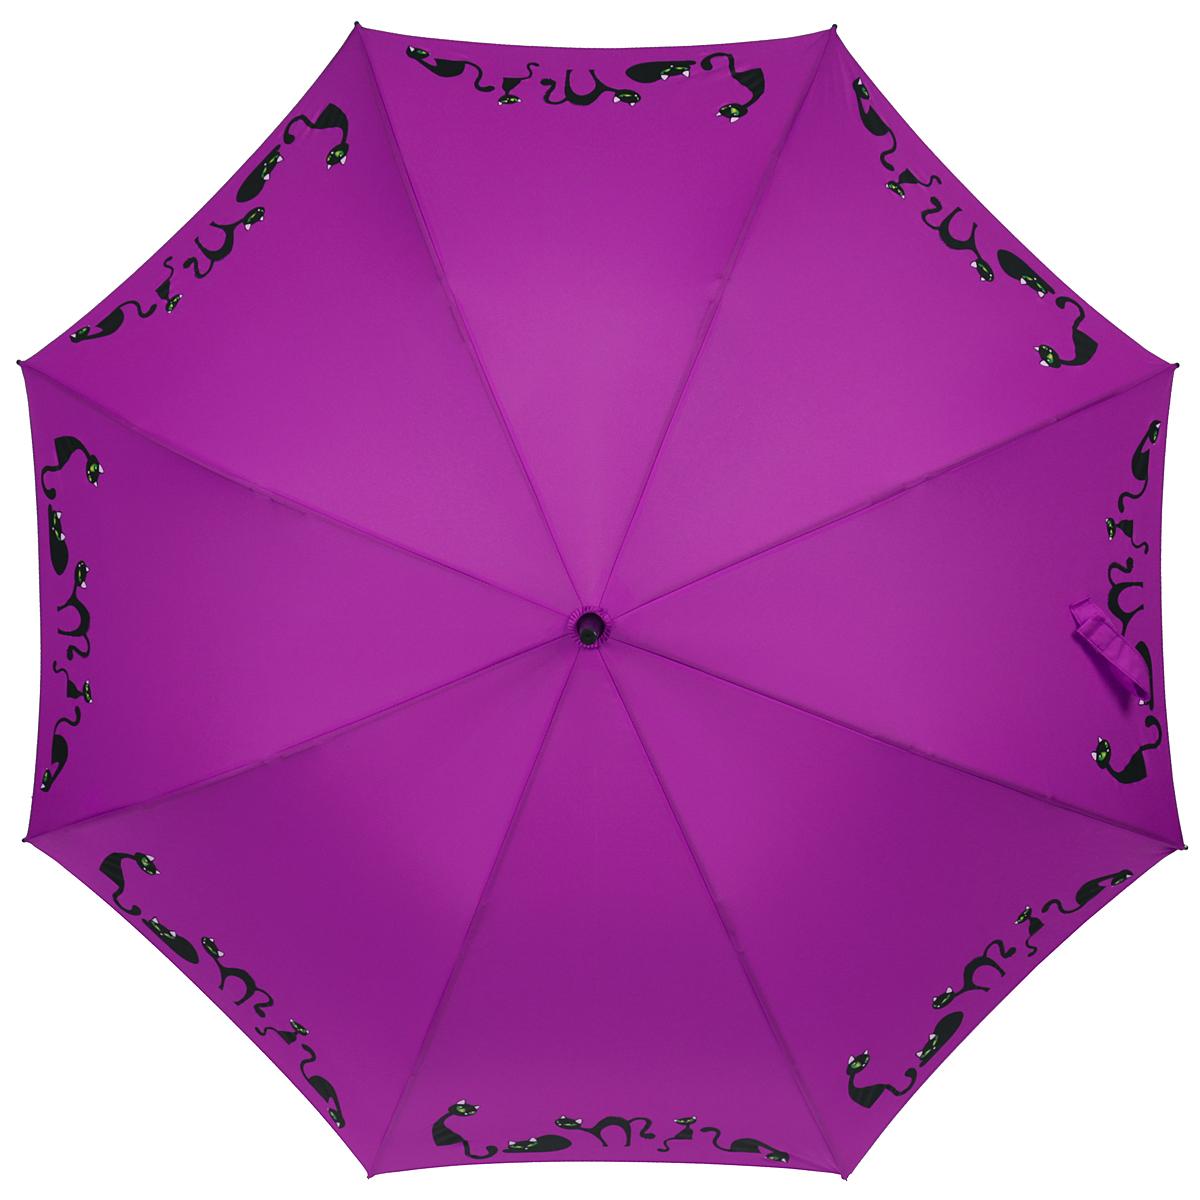 Зонт-трость женский Zest, полуавтомат, цвет: фиолетовый. 21629-102321629-1023Элегантный полуавтоматический зонт-трость Zest займет достойное место среди вашей коллекции аксессуаров. Каркас зонта из фибергласса состоит из 8 спиц и прочного стержня. Специальная система Windproof защищает его от поломок во время сильных порывов ветра. Купол зонта изготовлен из прочного полиэстера с водоотталкивающей пропиткой и оформлен изображением прелестных кошечек. Рукоятка закругленной формы, разработанная с учетом требований эргономики, выполнена из металла и пластика. Зонт имеет полуавтоматический механизм сложения: купол открывается нажатием на кнопку и закрывается вручную до характерного щелчка. Модель закрывается при помощи хлястика на застежку-липучку. Очаровательный зонт не только выручит вас в ненастную погоду, но и станет стильным аксессуаром, который прекрасно дополнит ваш модный образ.